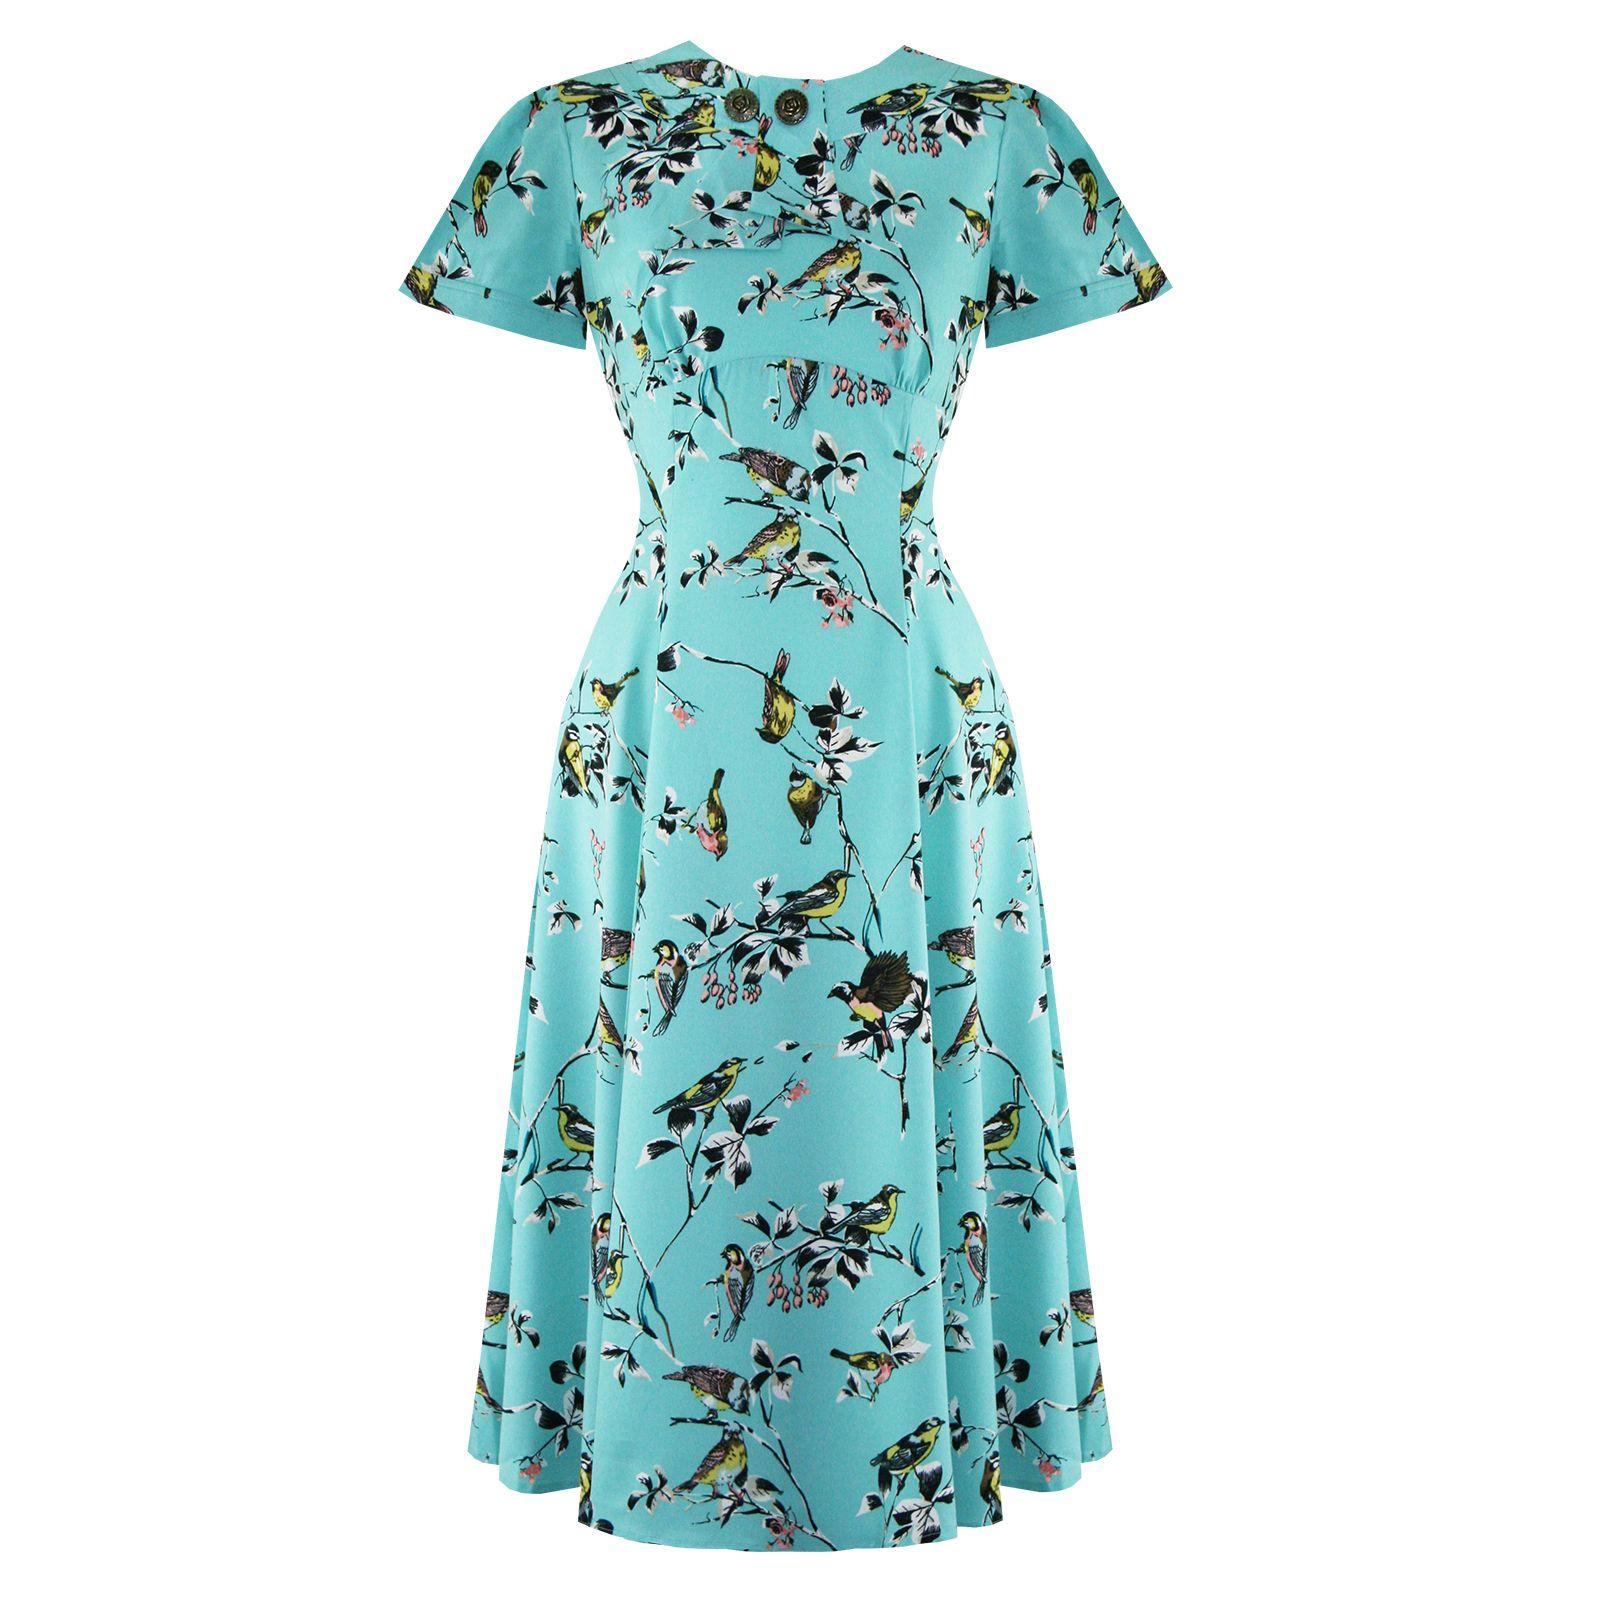 Hell Bunny Bird Print 1940s Wartime WW2 Summer Tea Party Sun Dress ...